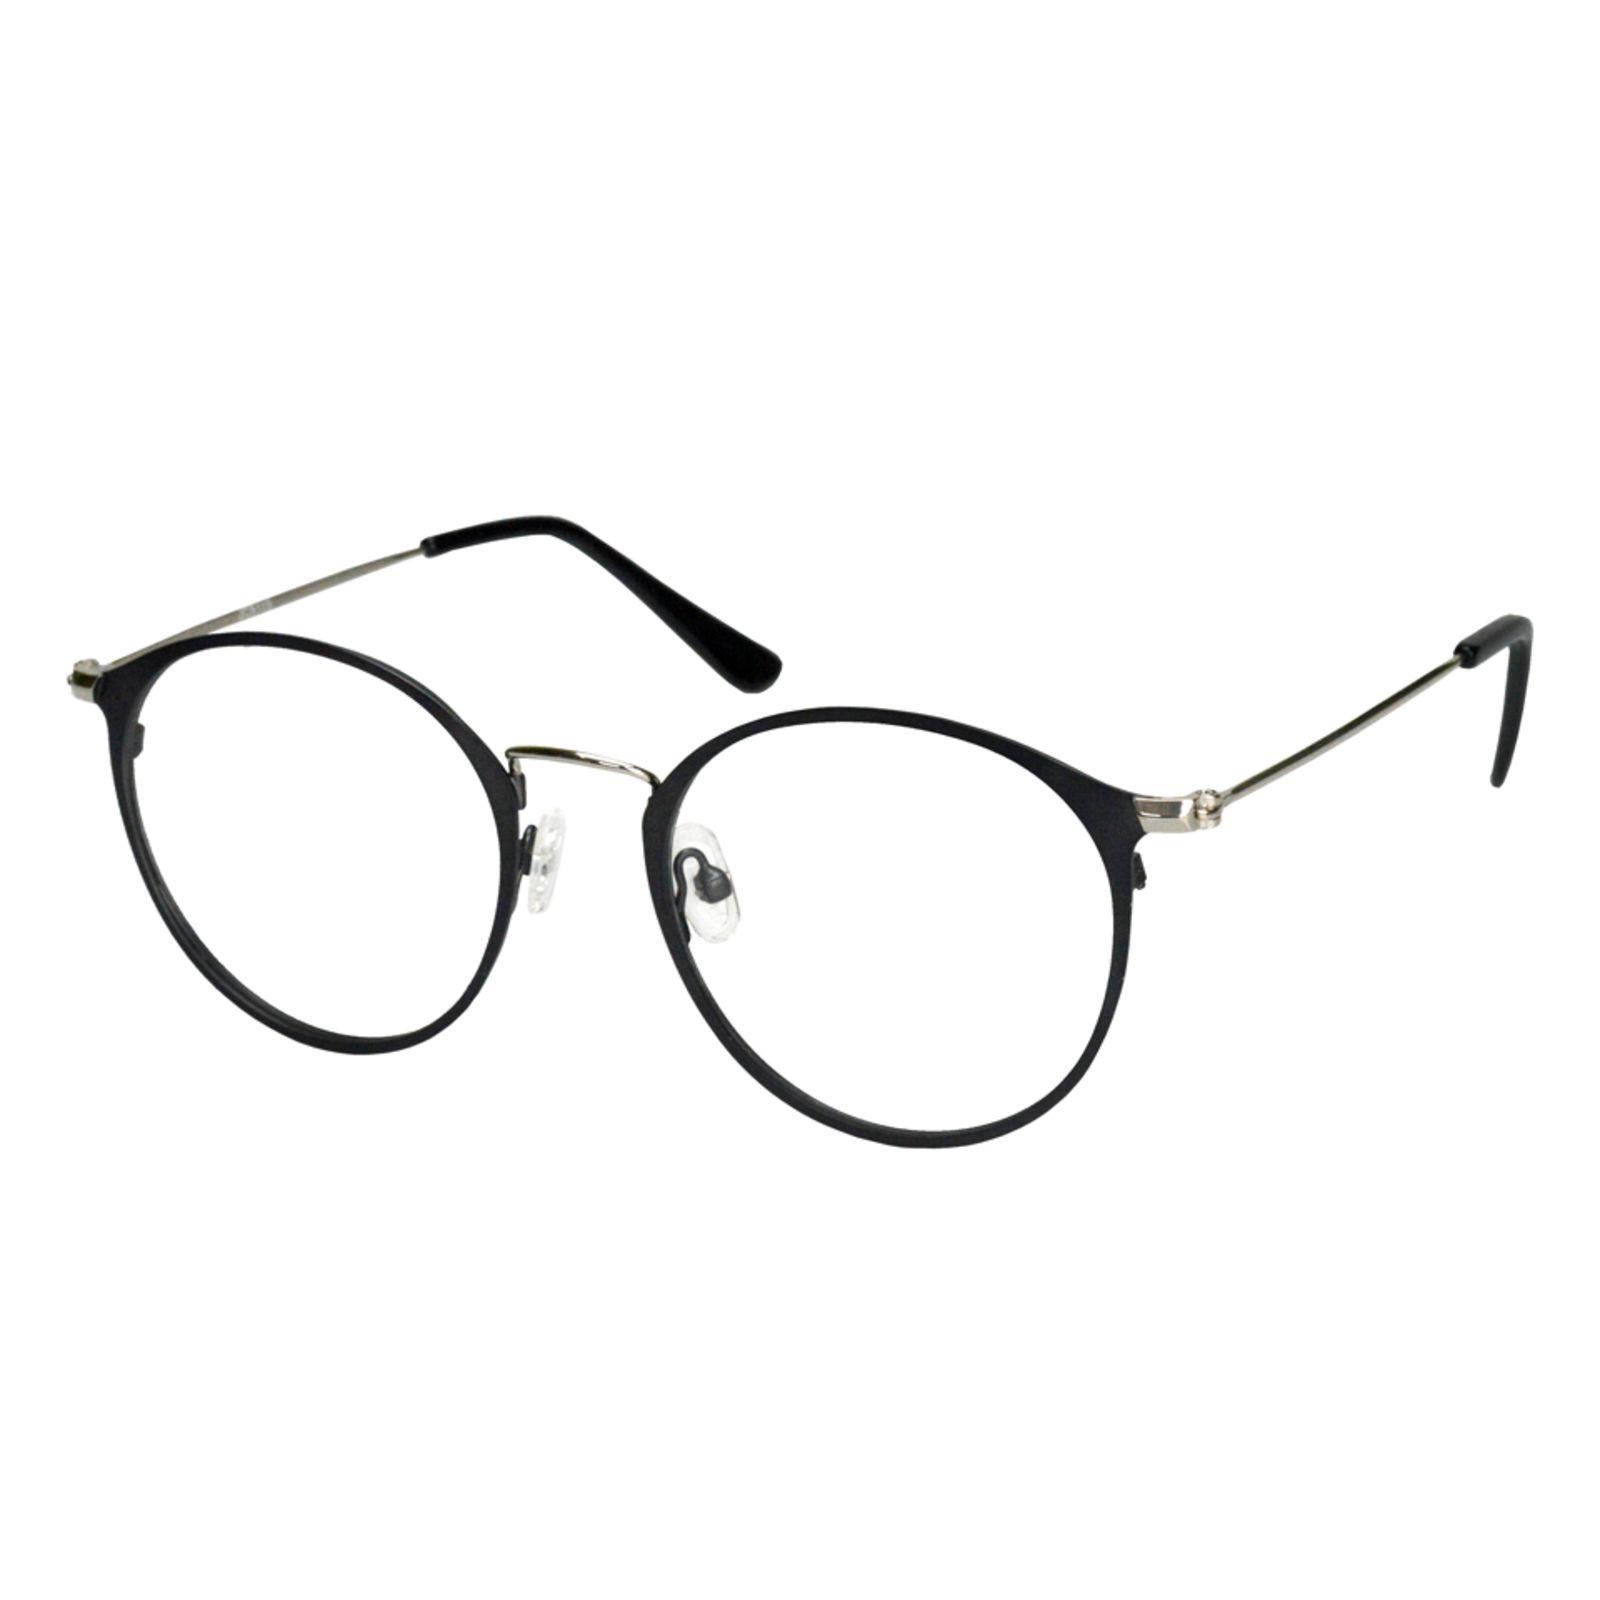 Oculos Armacao De Grau Isabela Dias Redondo Retro 7016 Preto